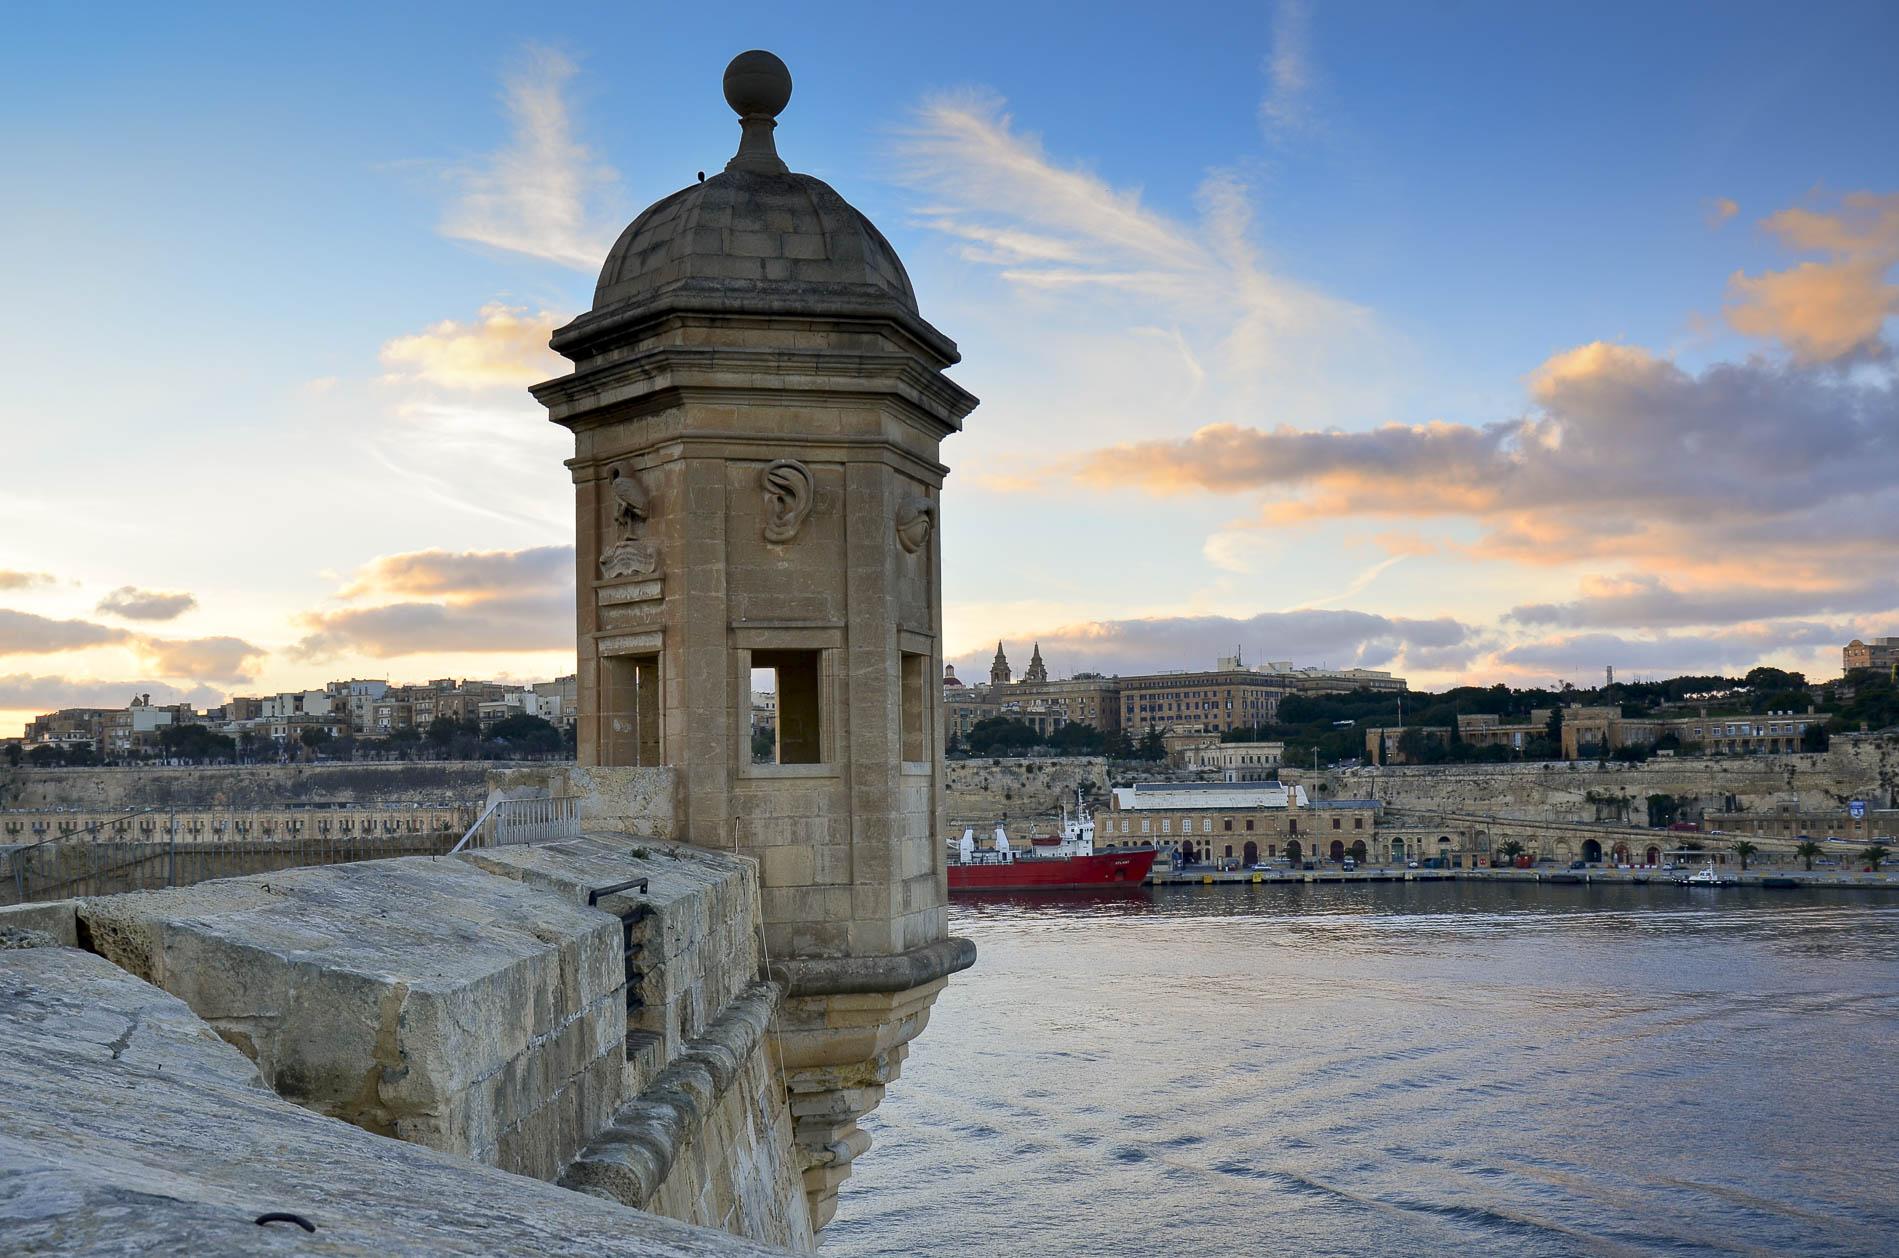 Fort Elmo, Valletta, Malta / fot. Michał Głombiowski